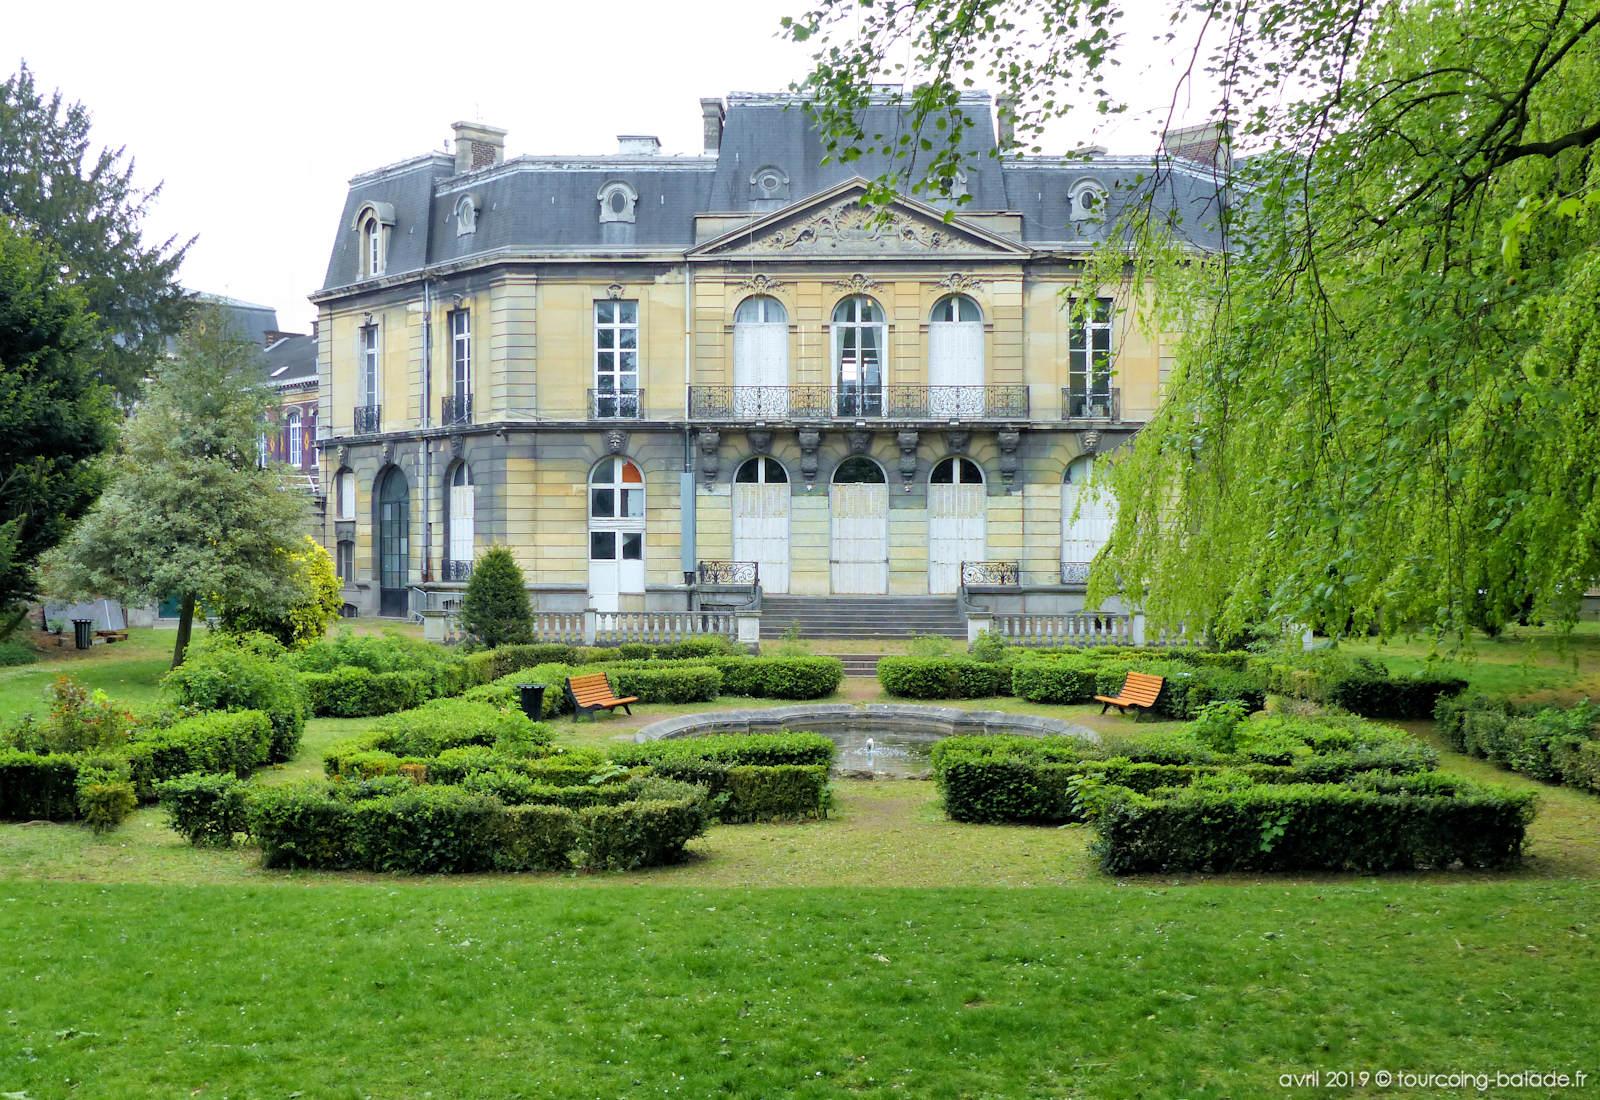 Jardin Gambetta Tourcoing, 2019.